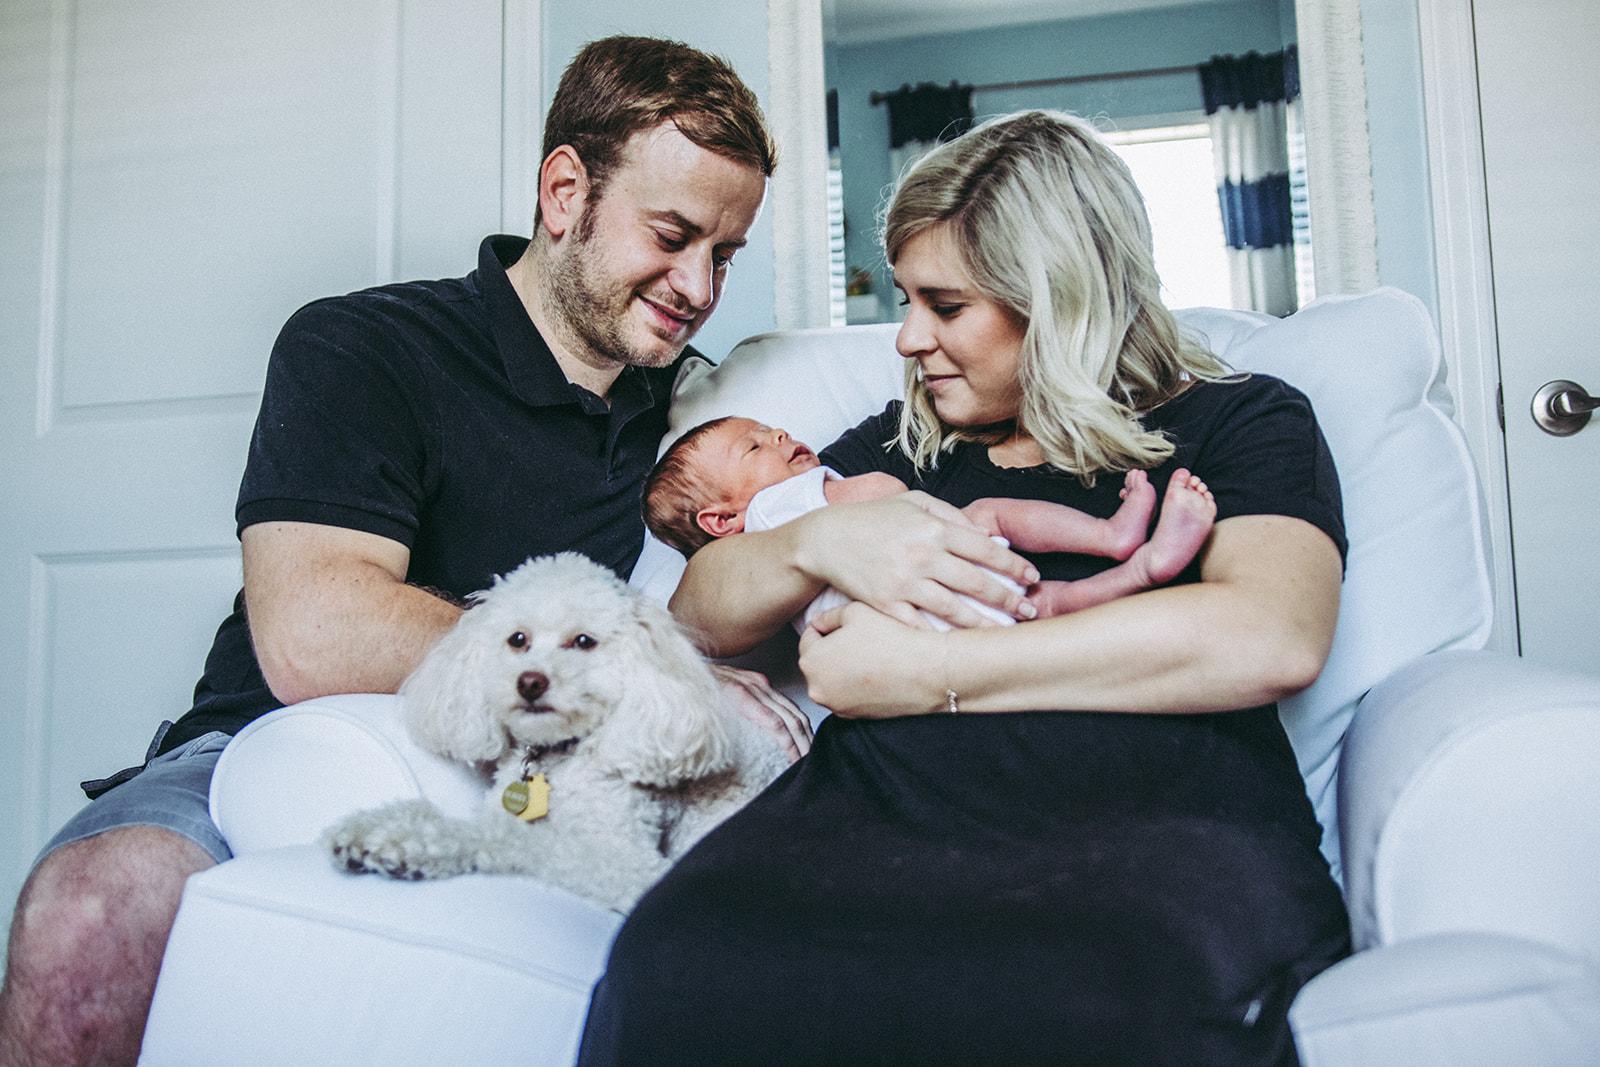 baby+vonier+newborn-22.jpg